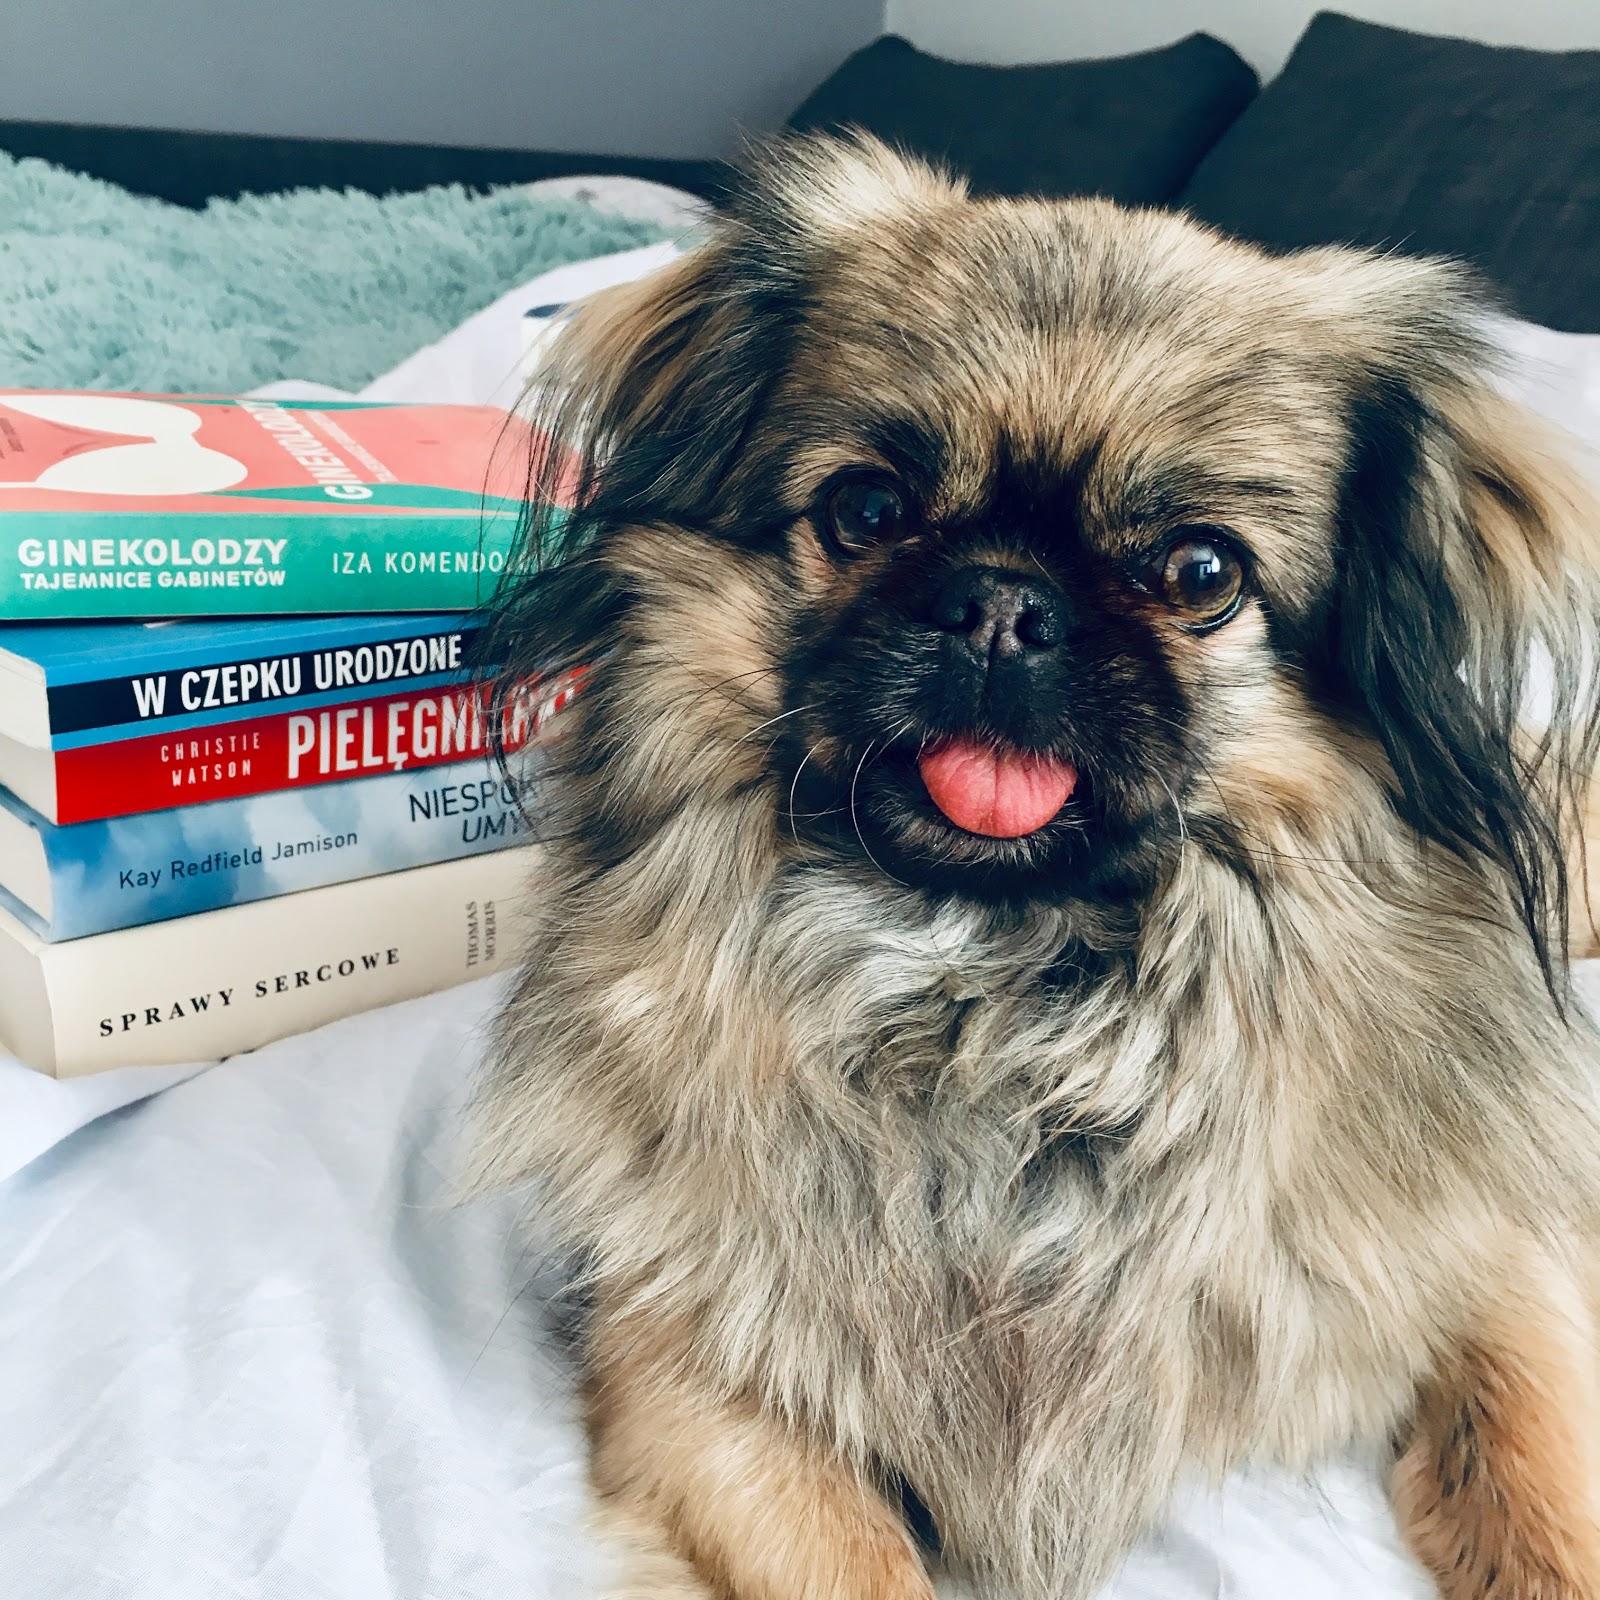 Siostro, tabletka! – czyli najlepsze książki z medycyną w tle #2